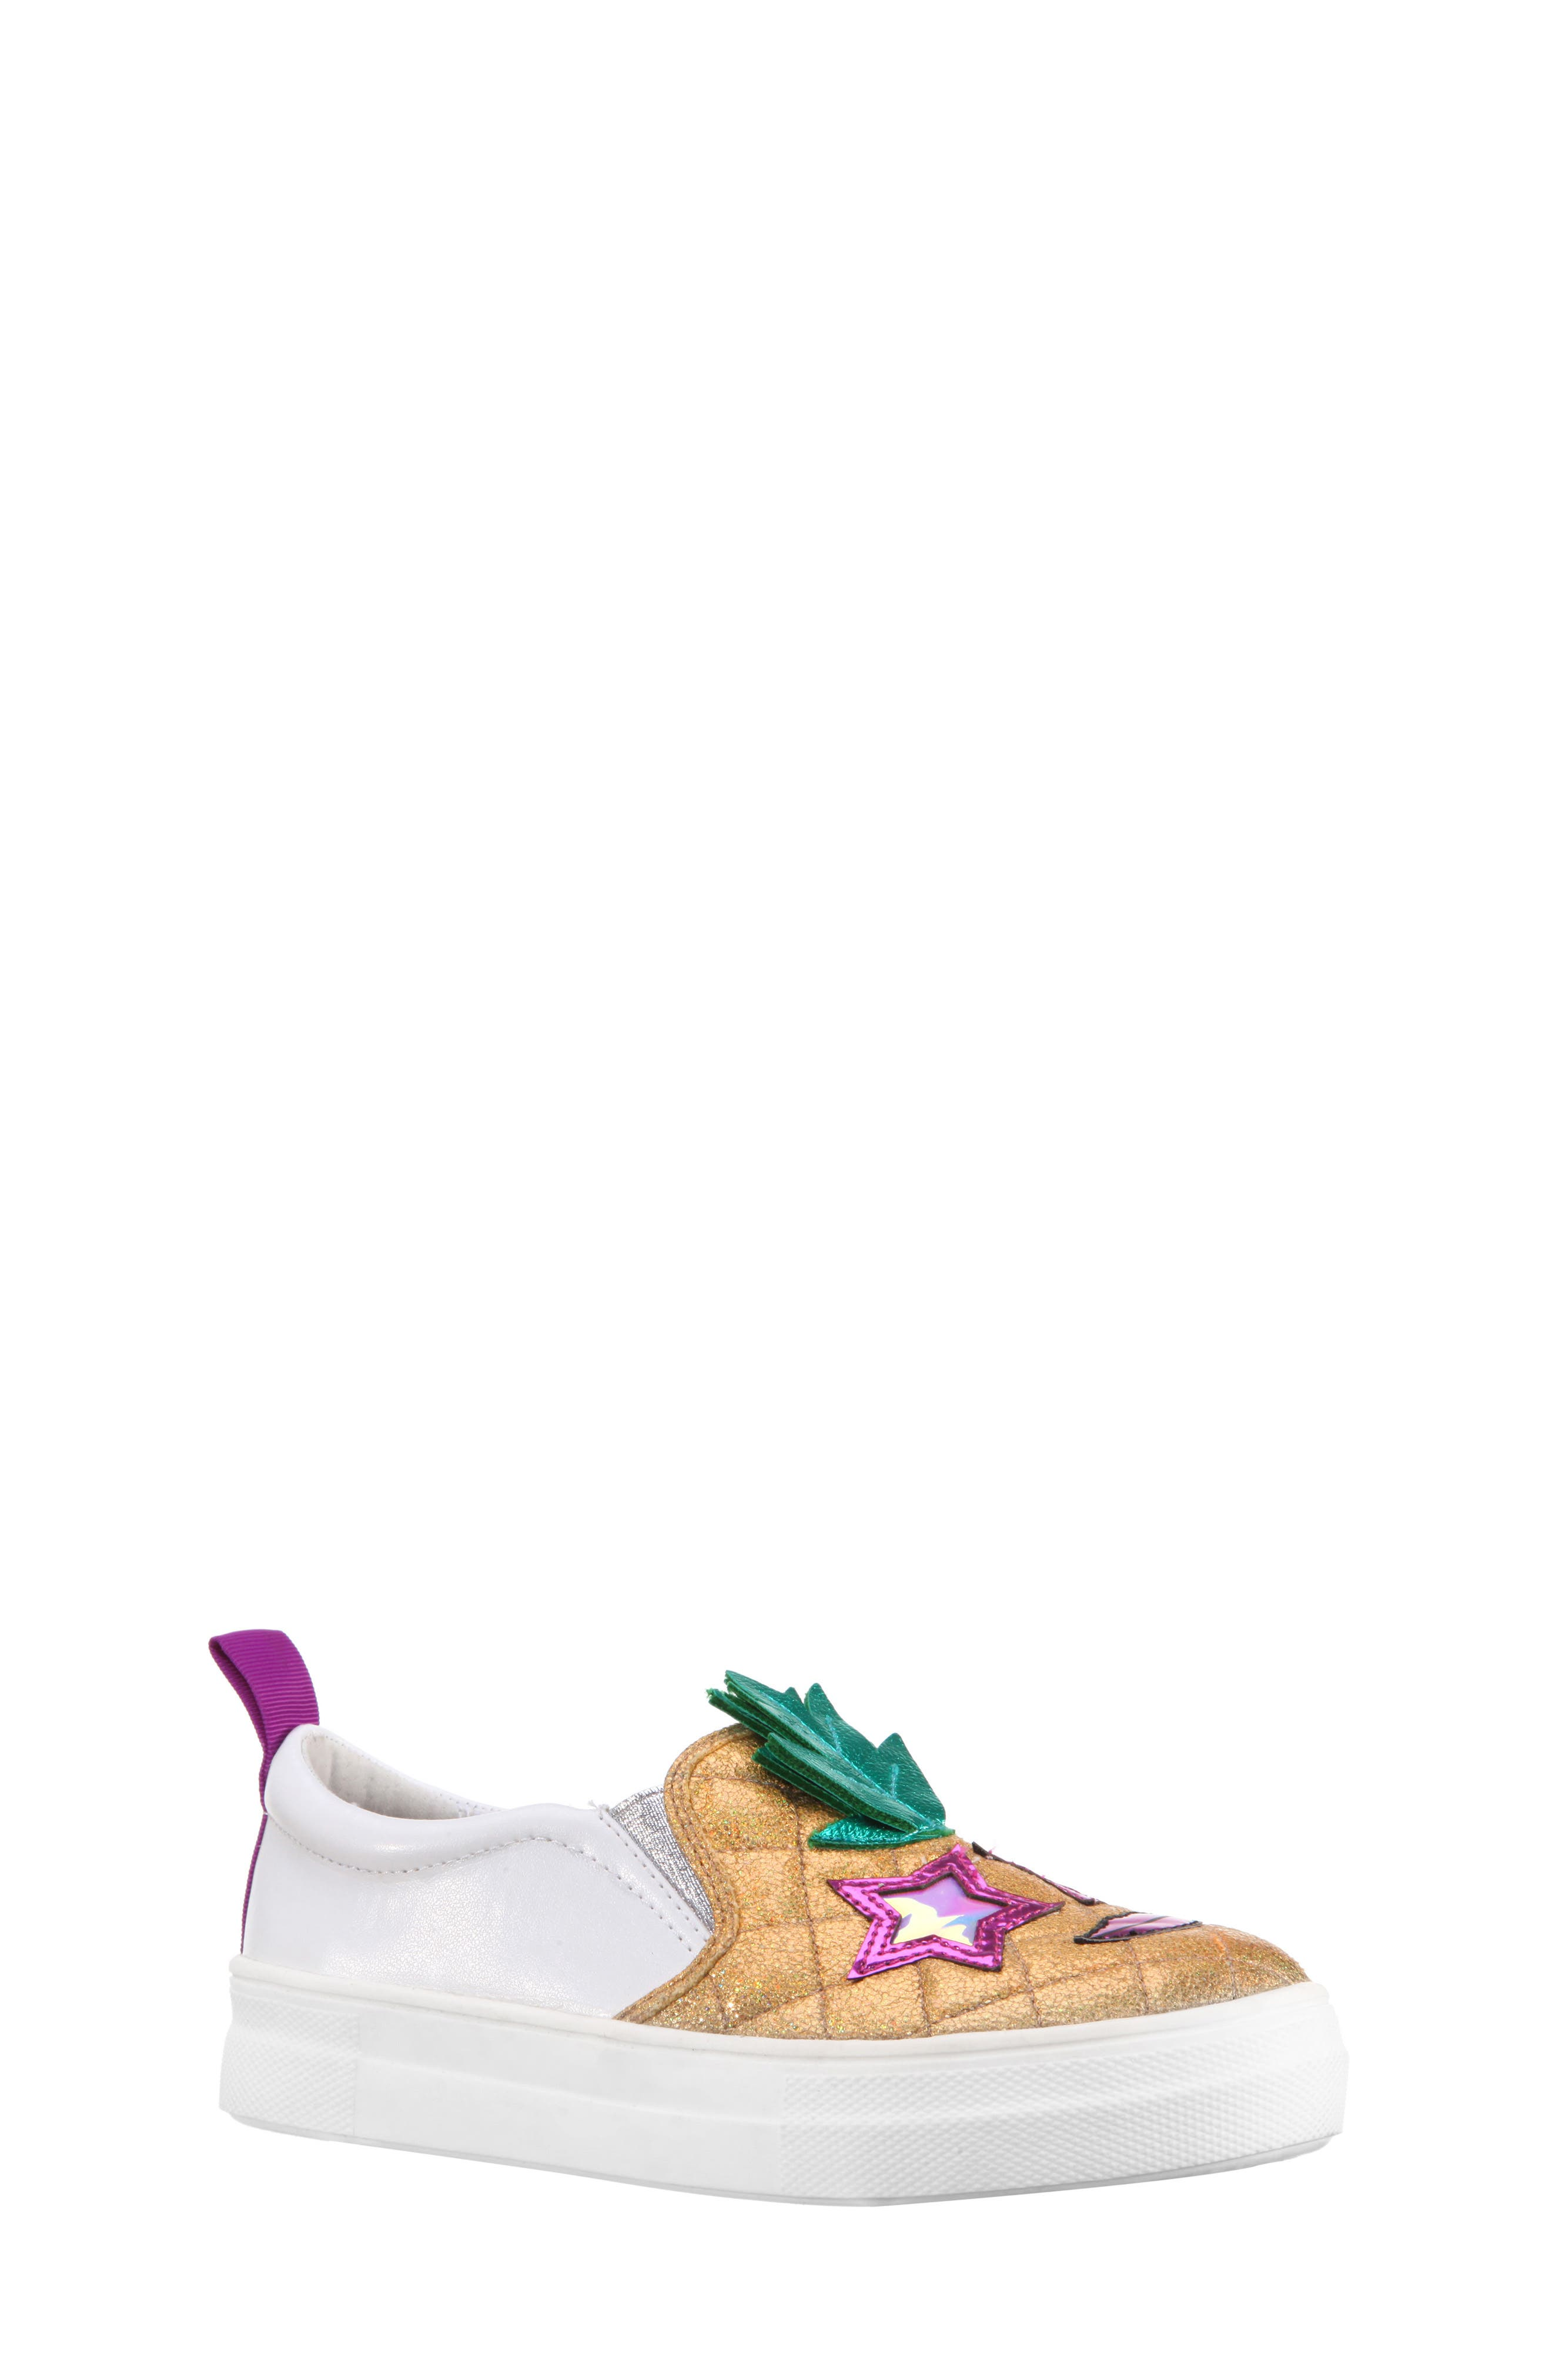 Alternate Image 1 Selected - Nina Samanntha Pineapple Slip-On Sneaker (Toddler, Little Kid & Big Kid)